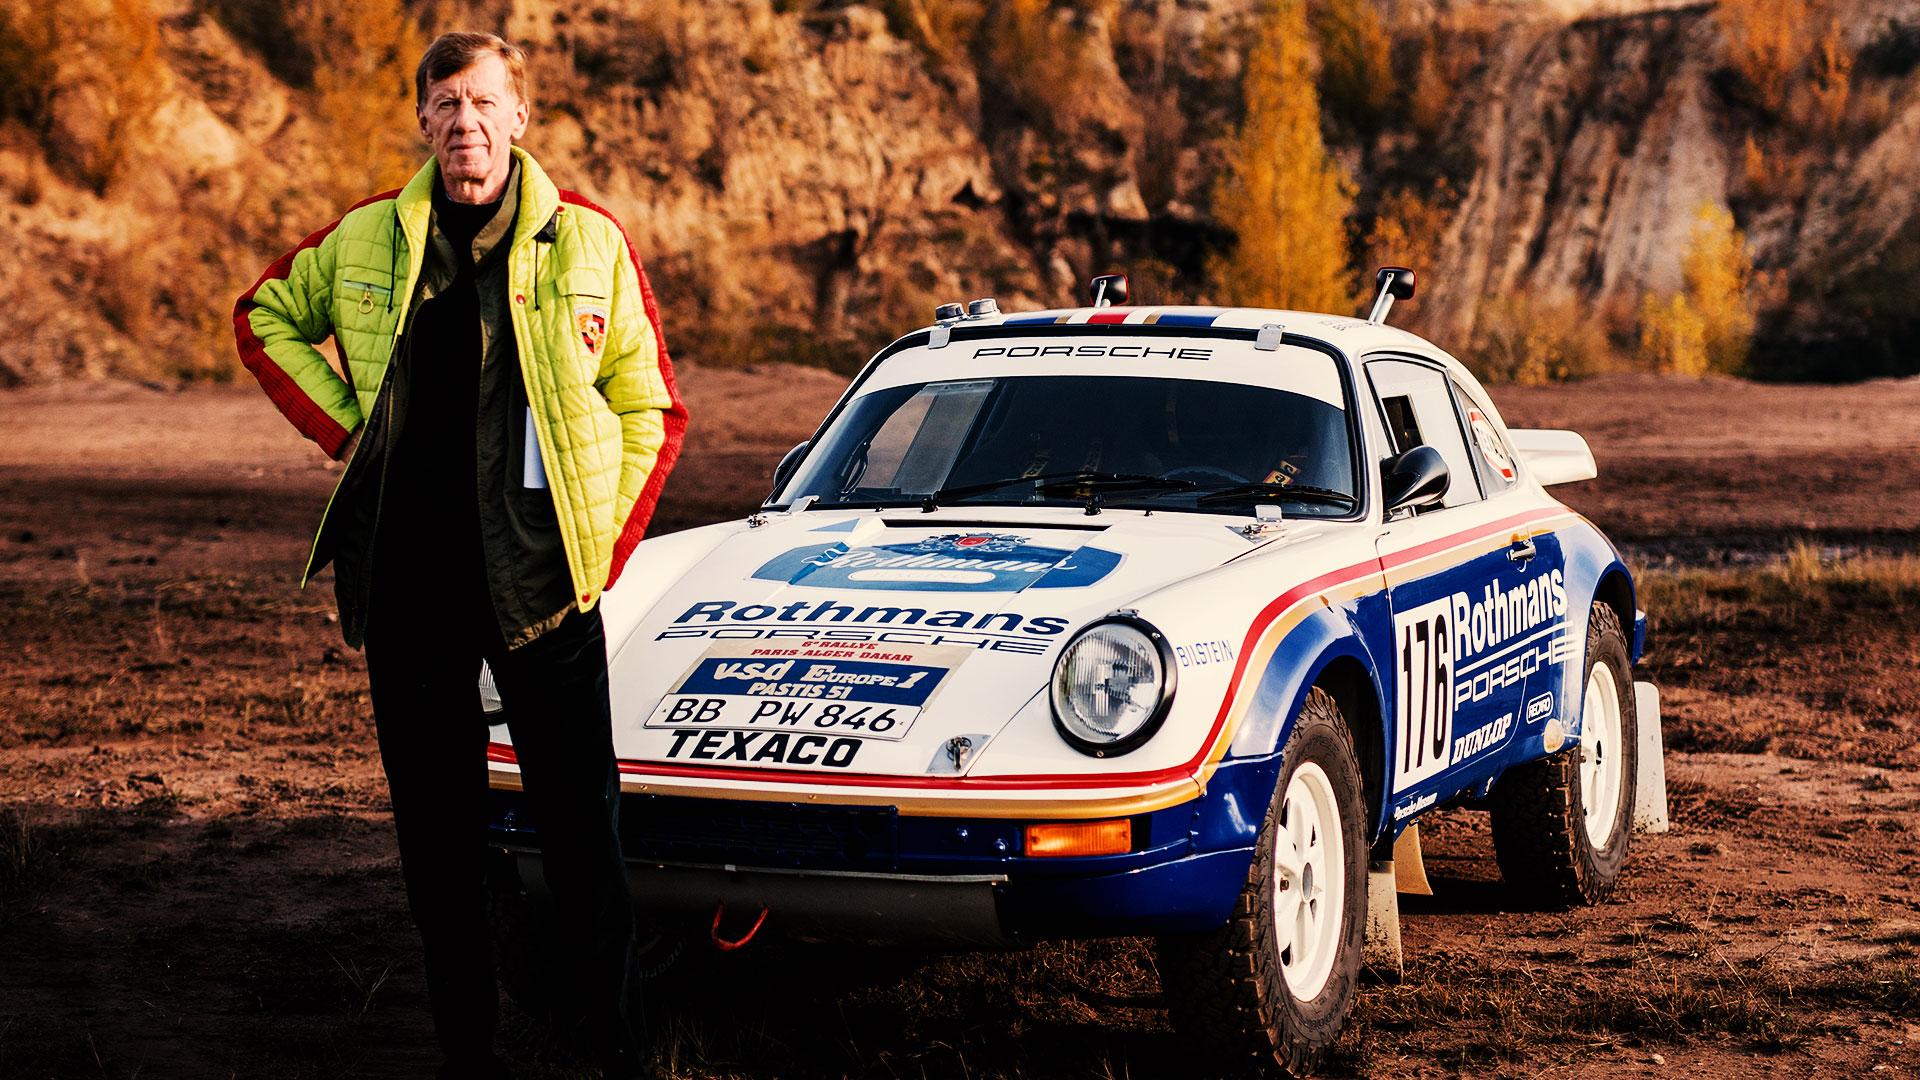 Porsche Top Rally Cars 1